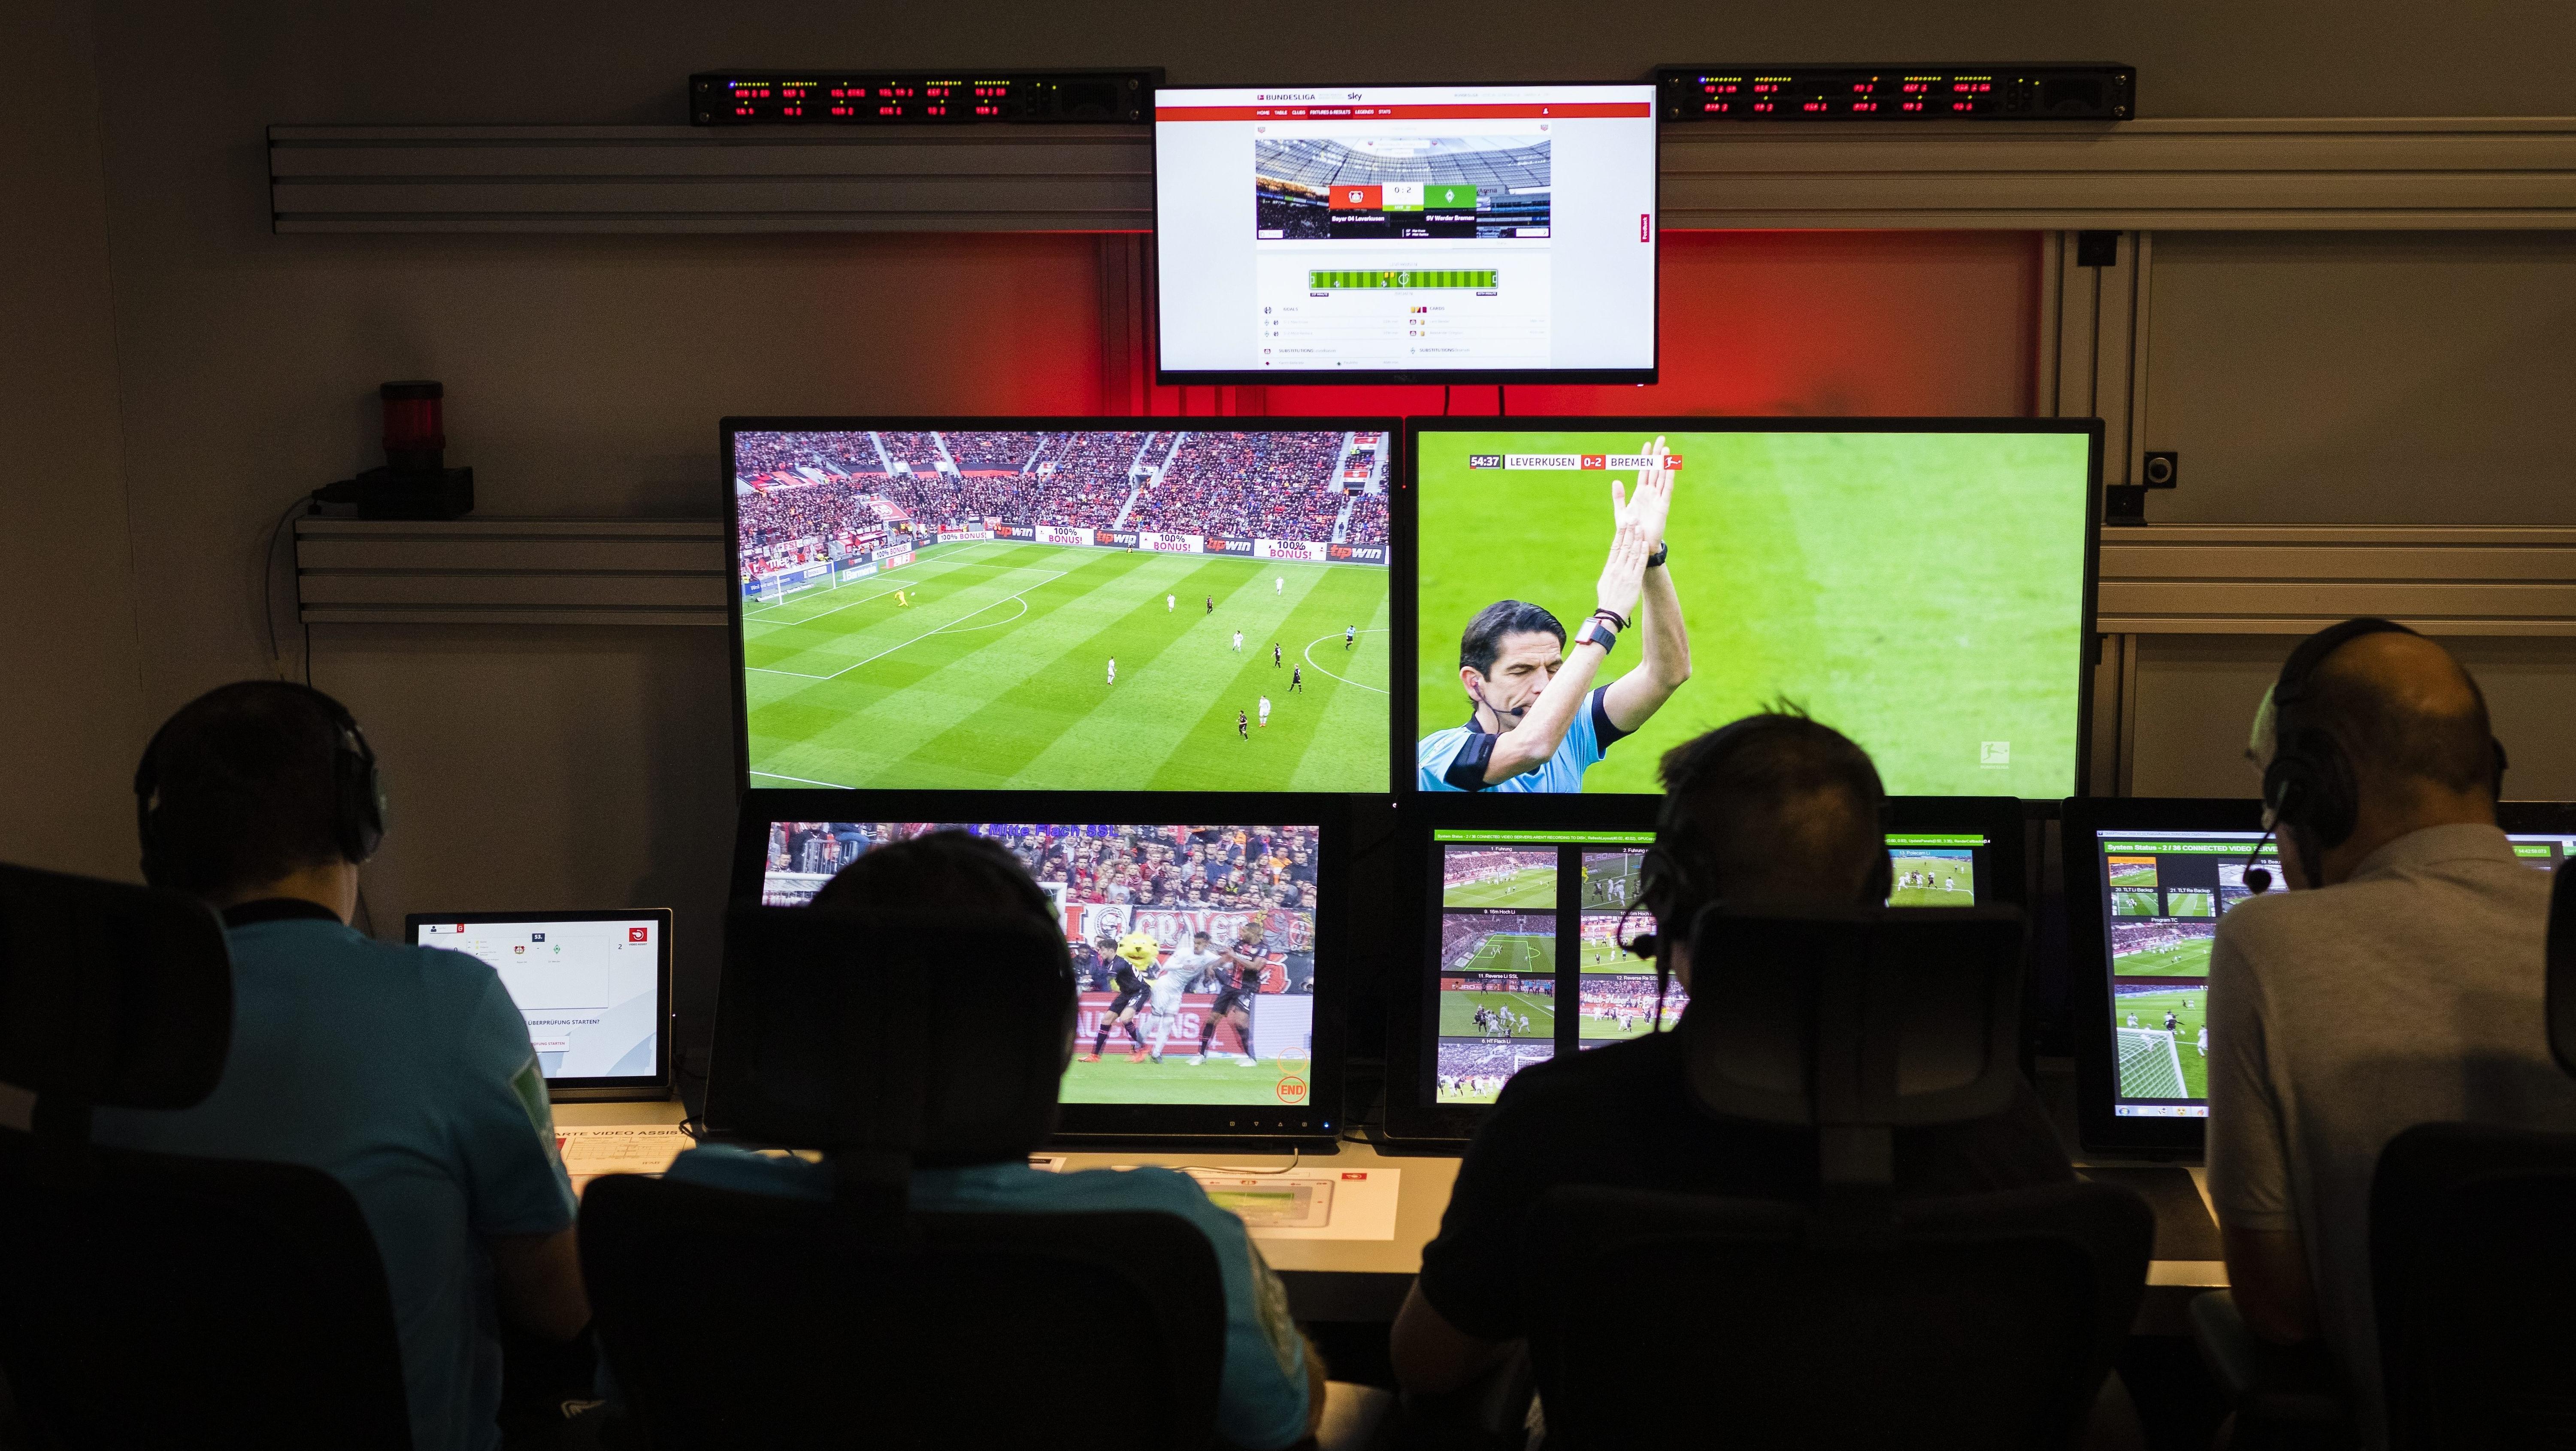 Der Arbeitsplatz der Videoschiedsrichter